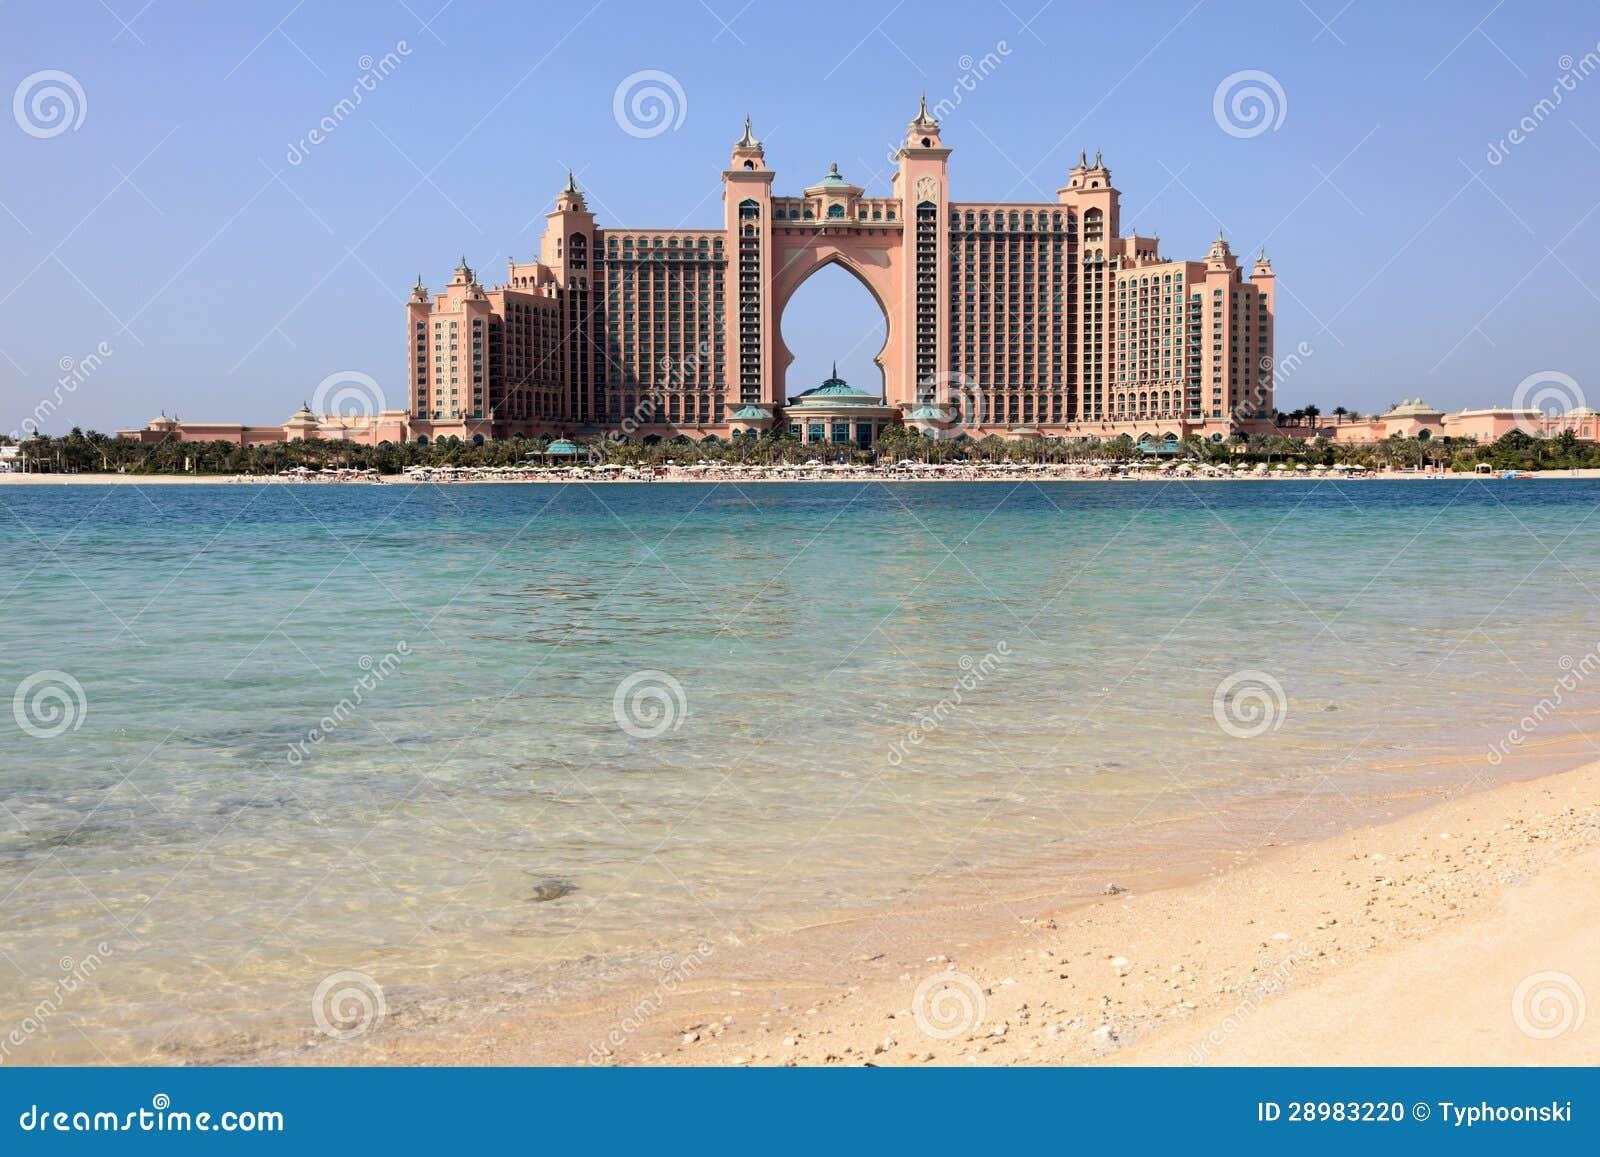 Atlantis o hotel da palma em dubai foto de stock imagem for Hotel em dubai